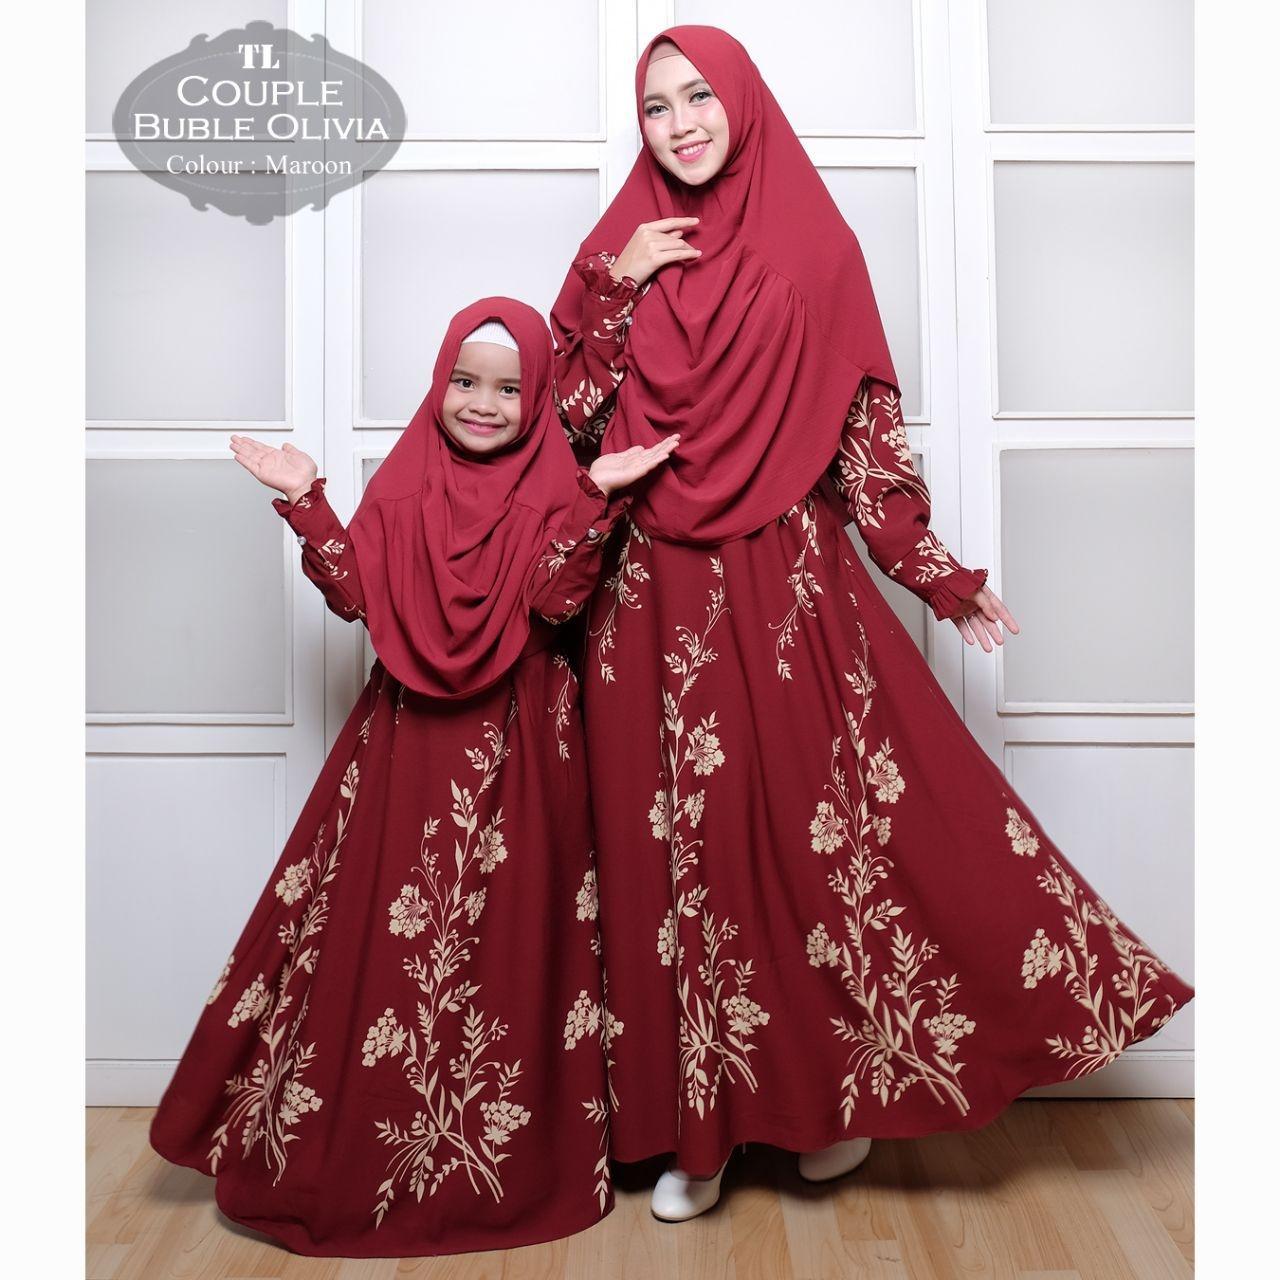 Silentriver88 gamis muslim syari bubble olivia premium ibu dan anak couple